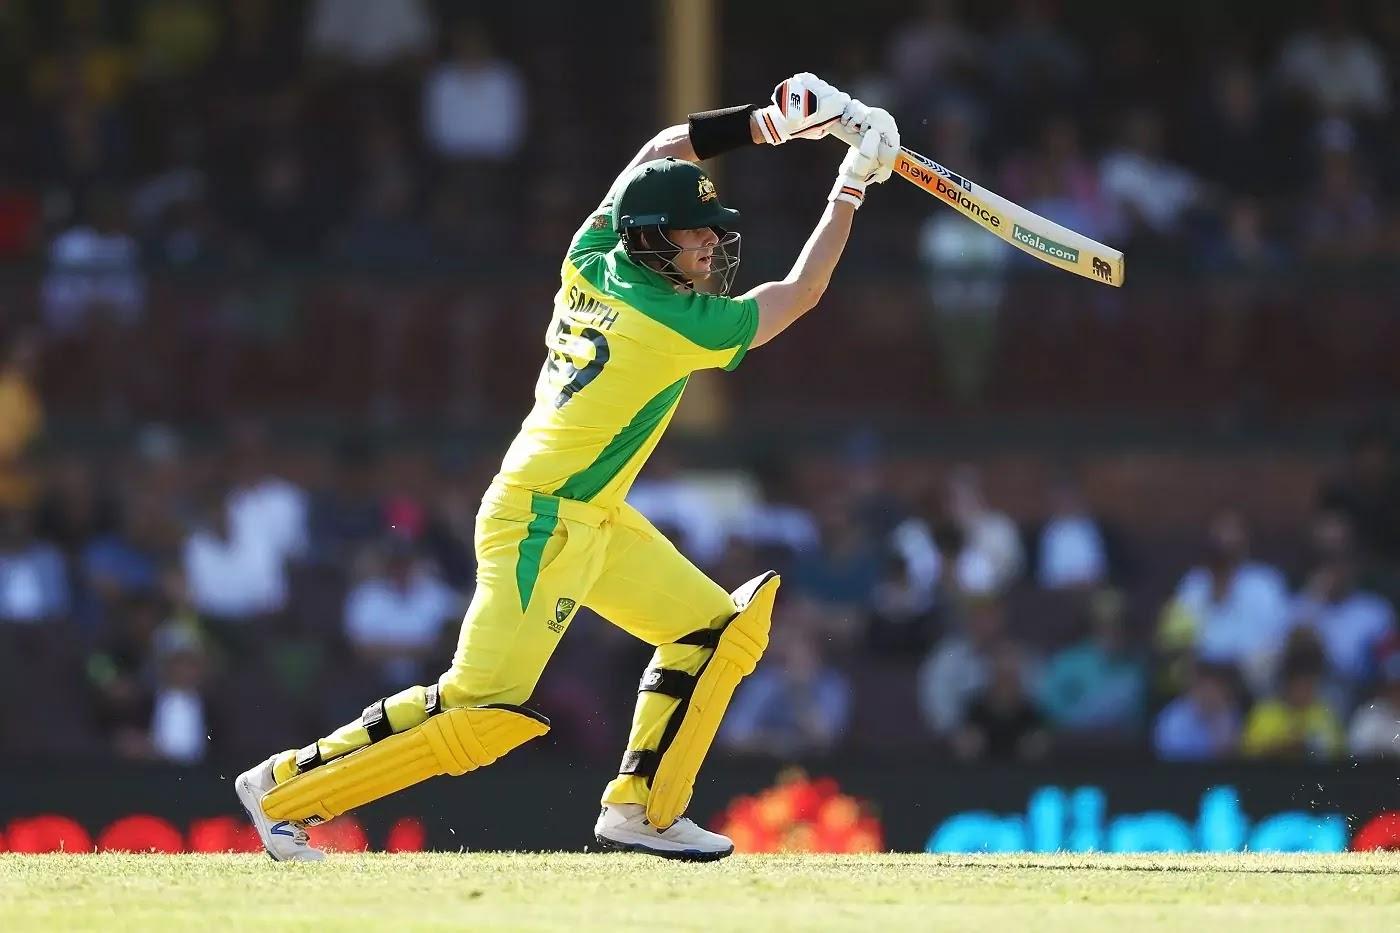 India Tour Australia 2020 | India vs Australia Live Match Kaise Dekhe | Best Live Match Streaming Apps 2020